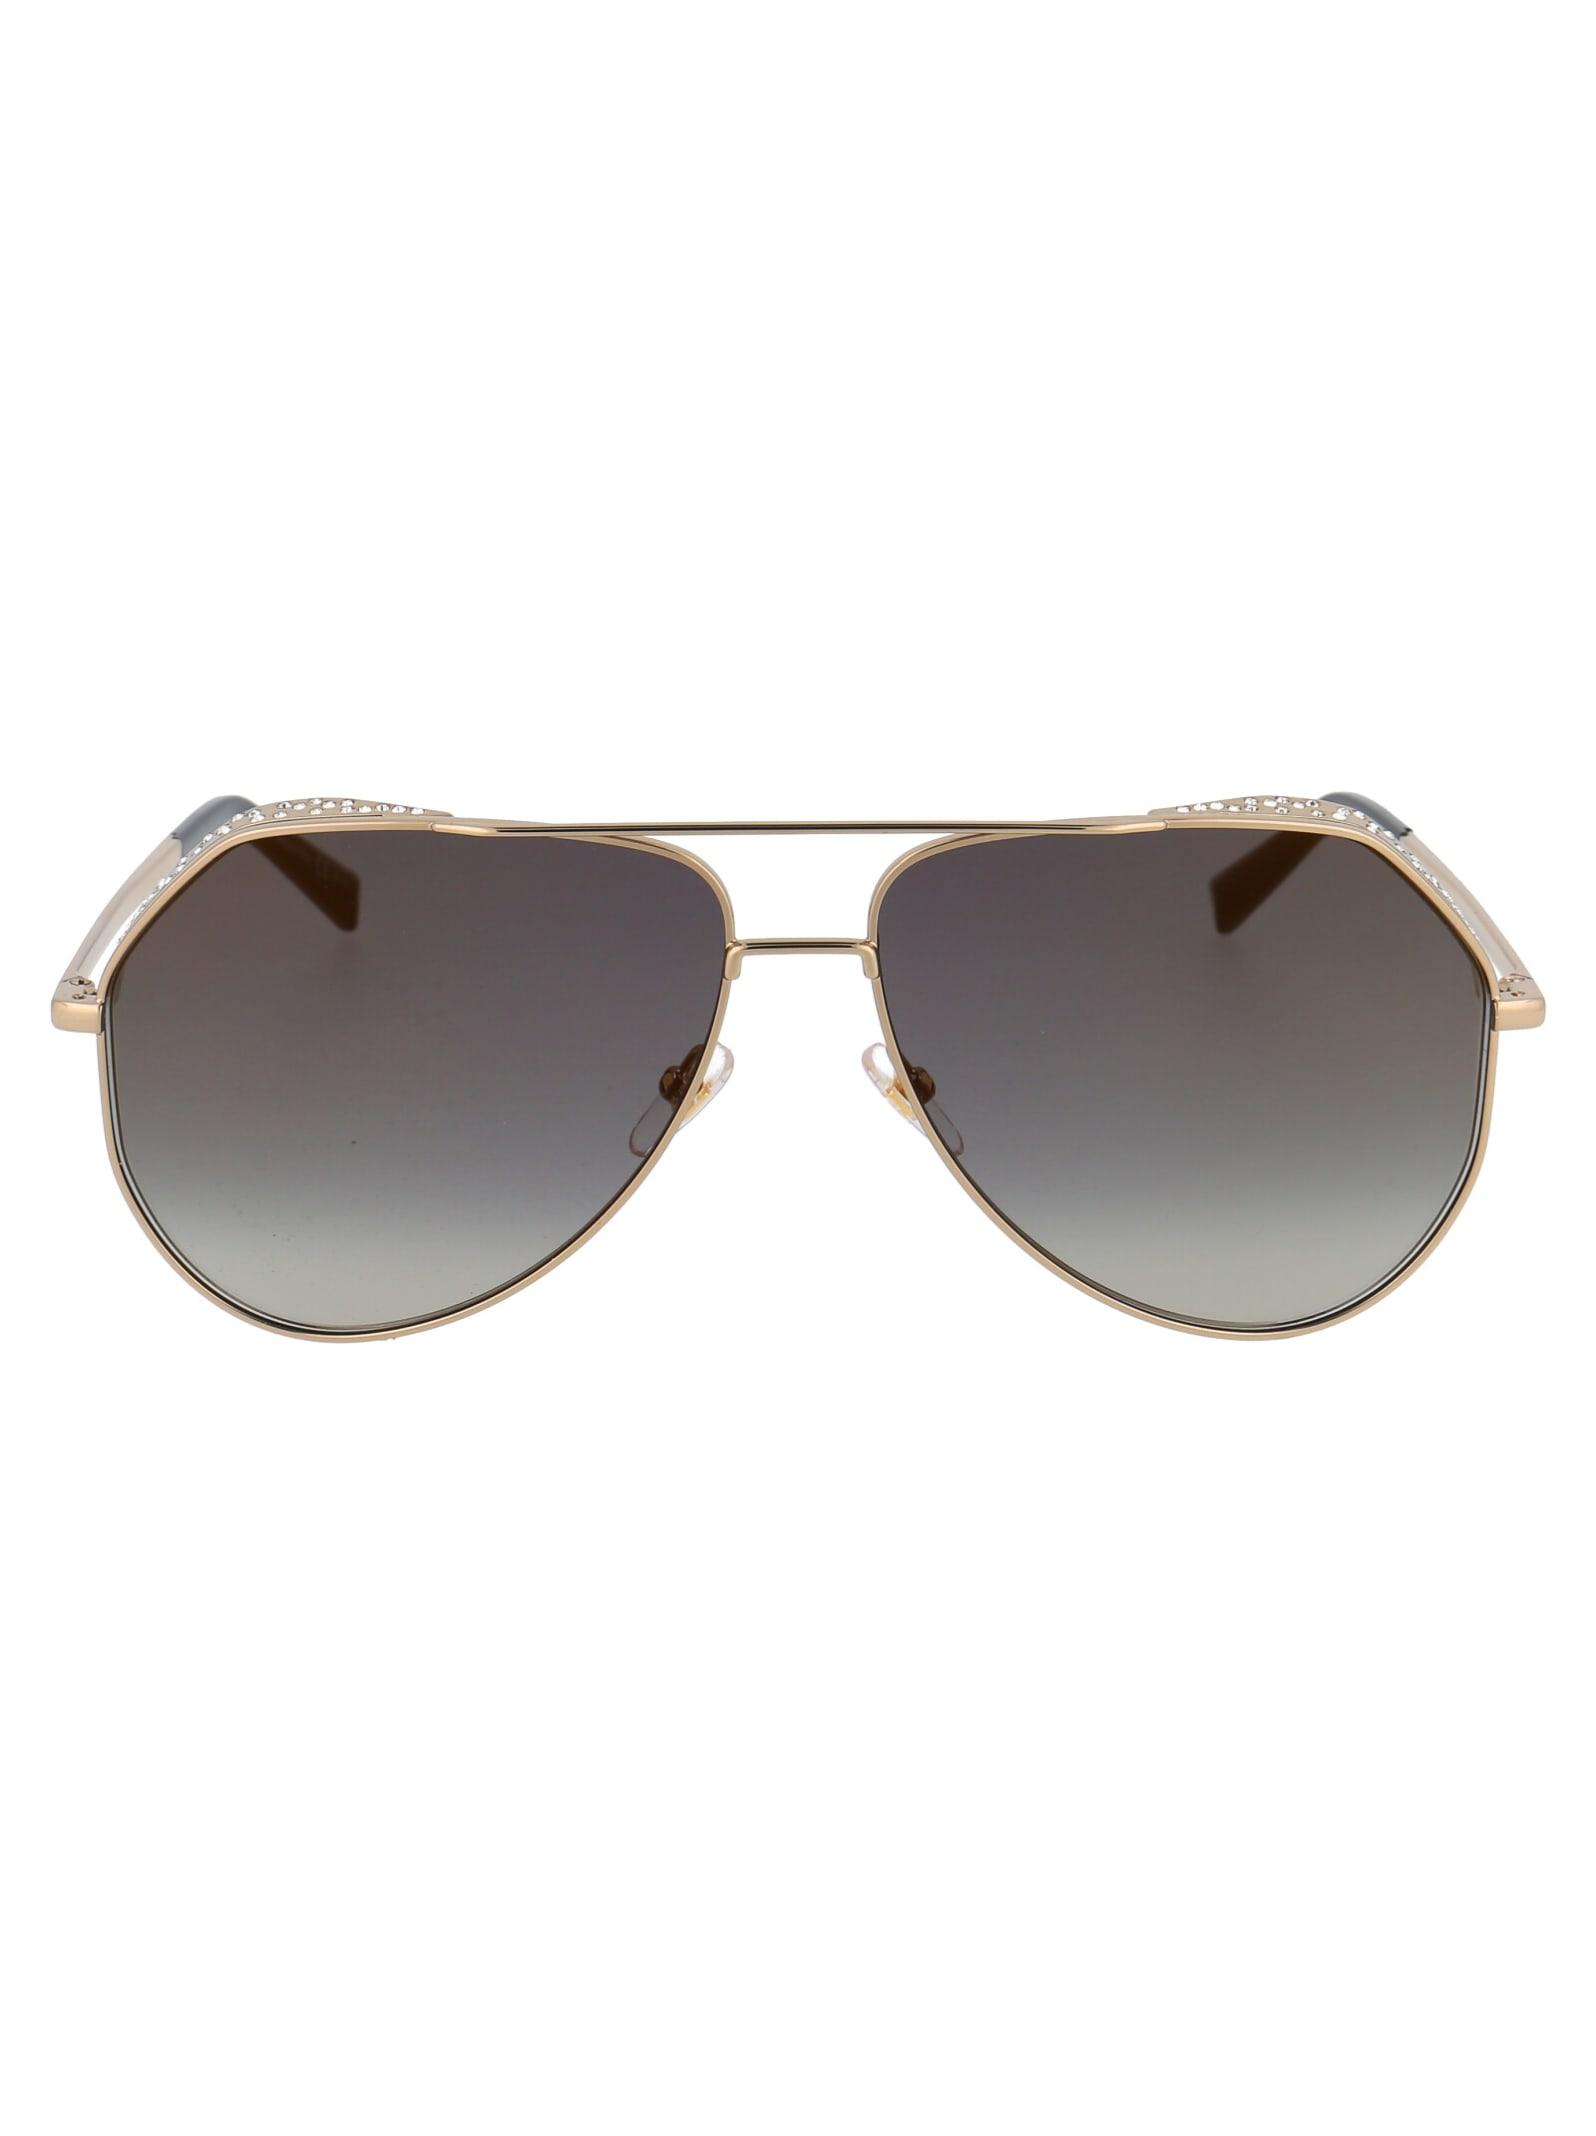 Gv 7185/g/s Sunglasses